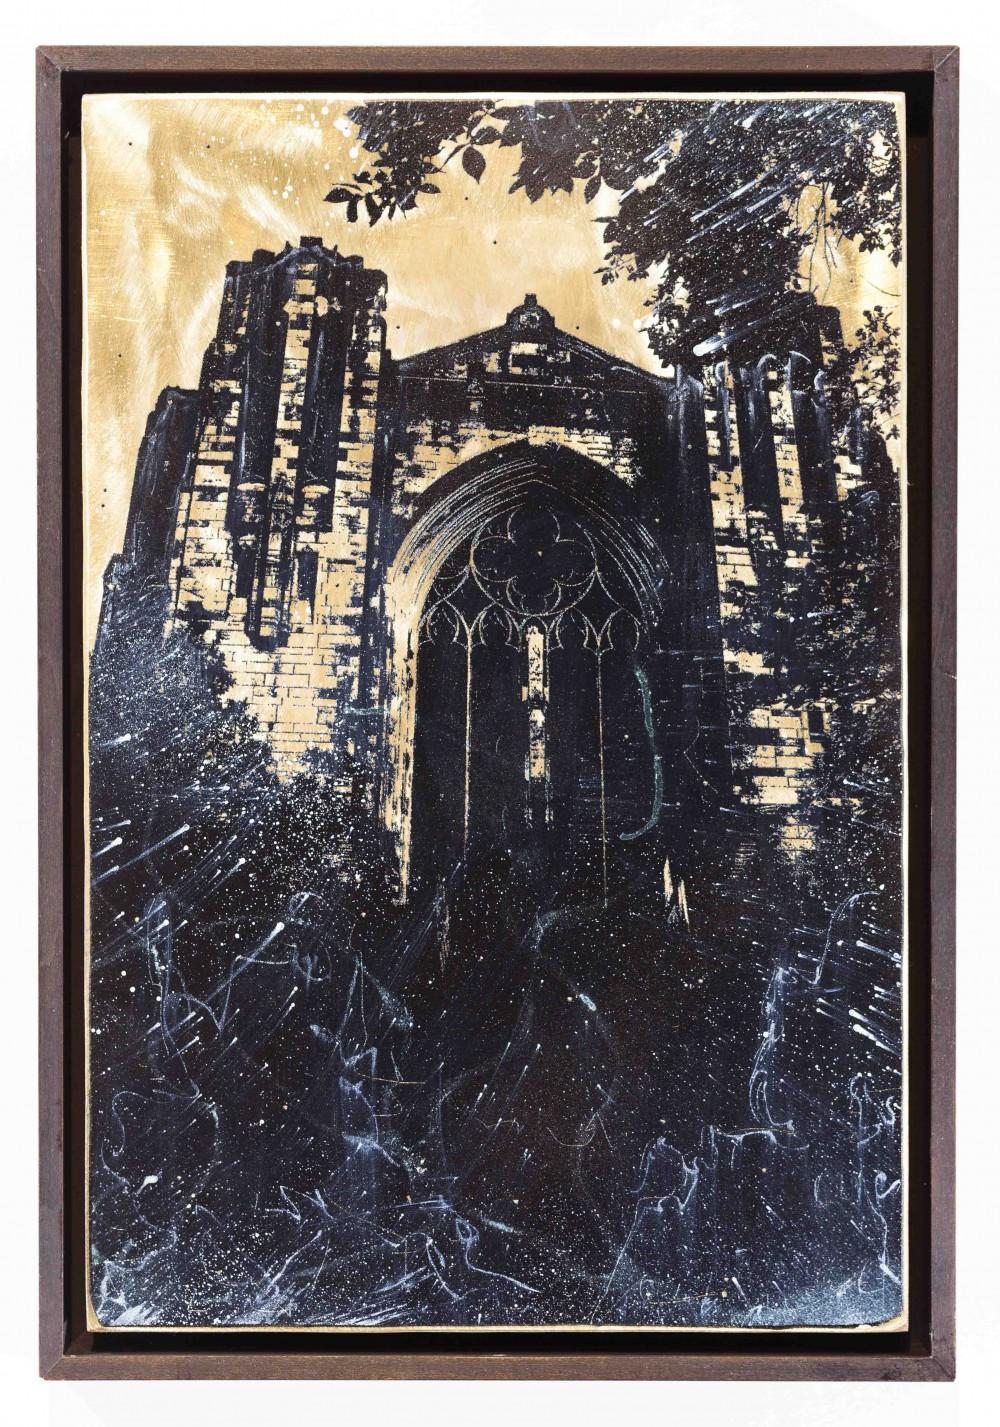 Ausstrahl, 2015, 30x20cm, Übermalter Reliefdruckdruck auf Messing, Gerahmt